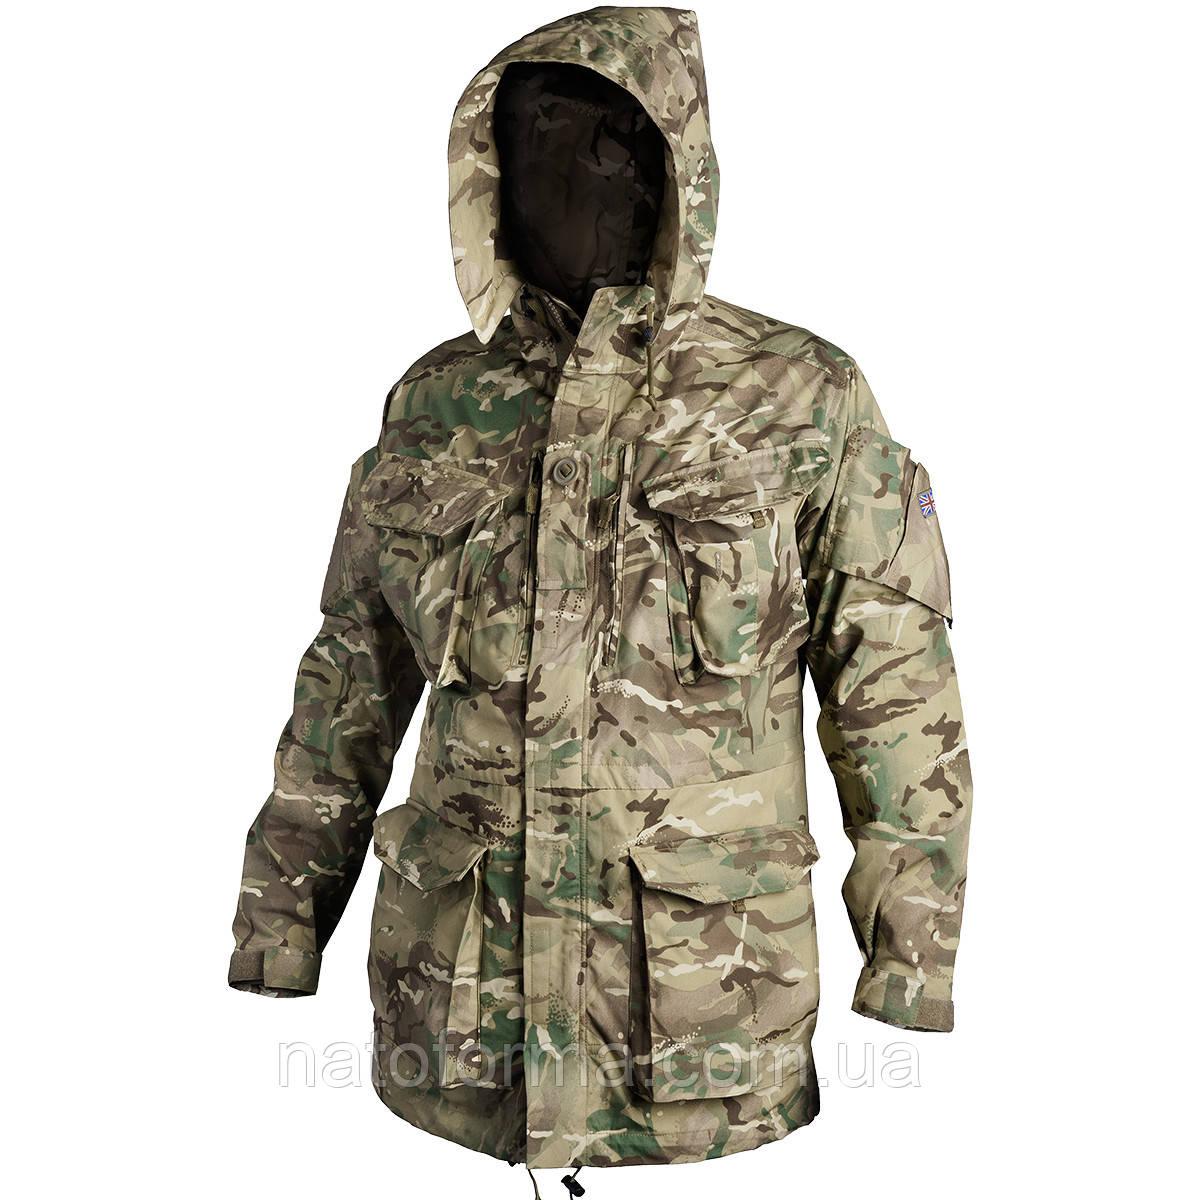 Парка, куртка, MTP, армии Великобританнии, оригинал, новая